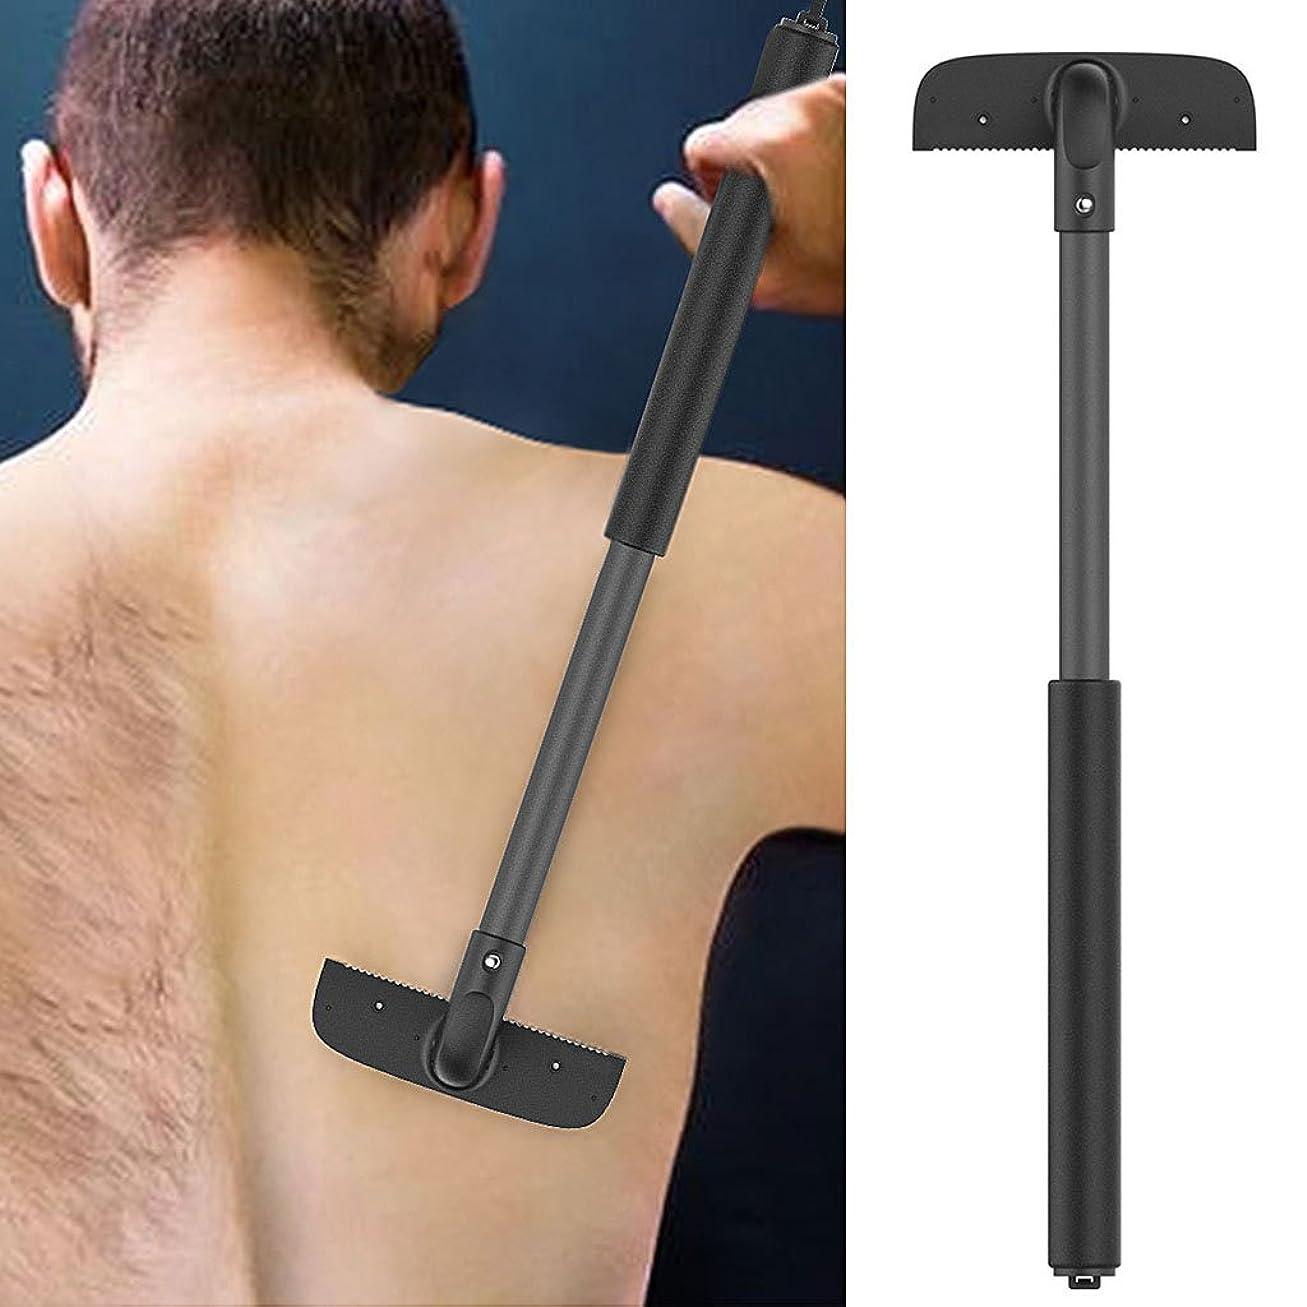 ビジターホーンその間バックヘアとボディシェーバー、Back Hair Removal And Body Shaver,男性のための剃刀、調節可能なハンドル、伸縮可能なトリマー剃刀セルフグロマーツール